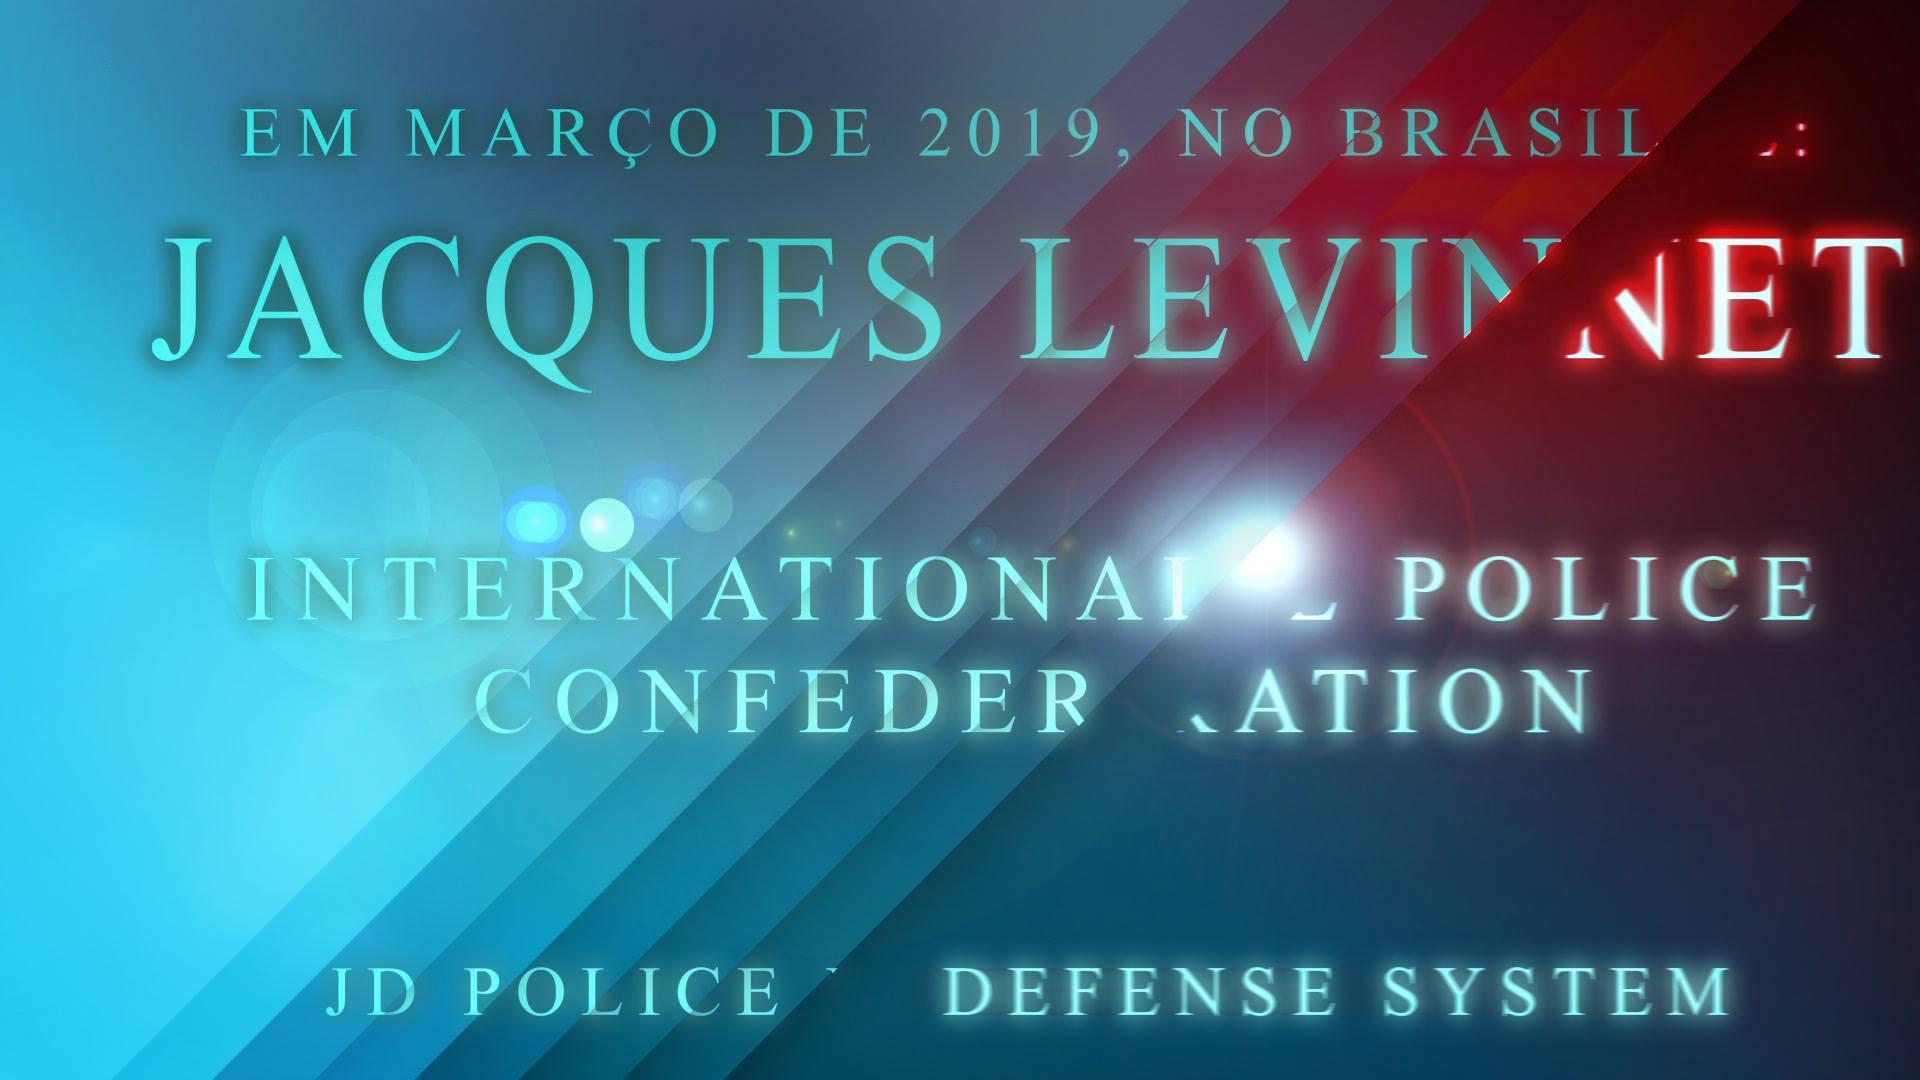 Confederação Internacional de Polícia Seção Brasil - JD-PODES Police Defense System